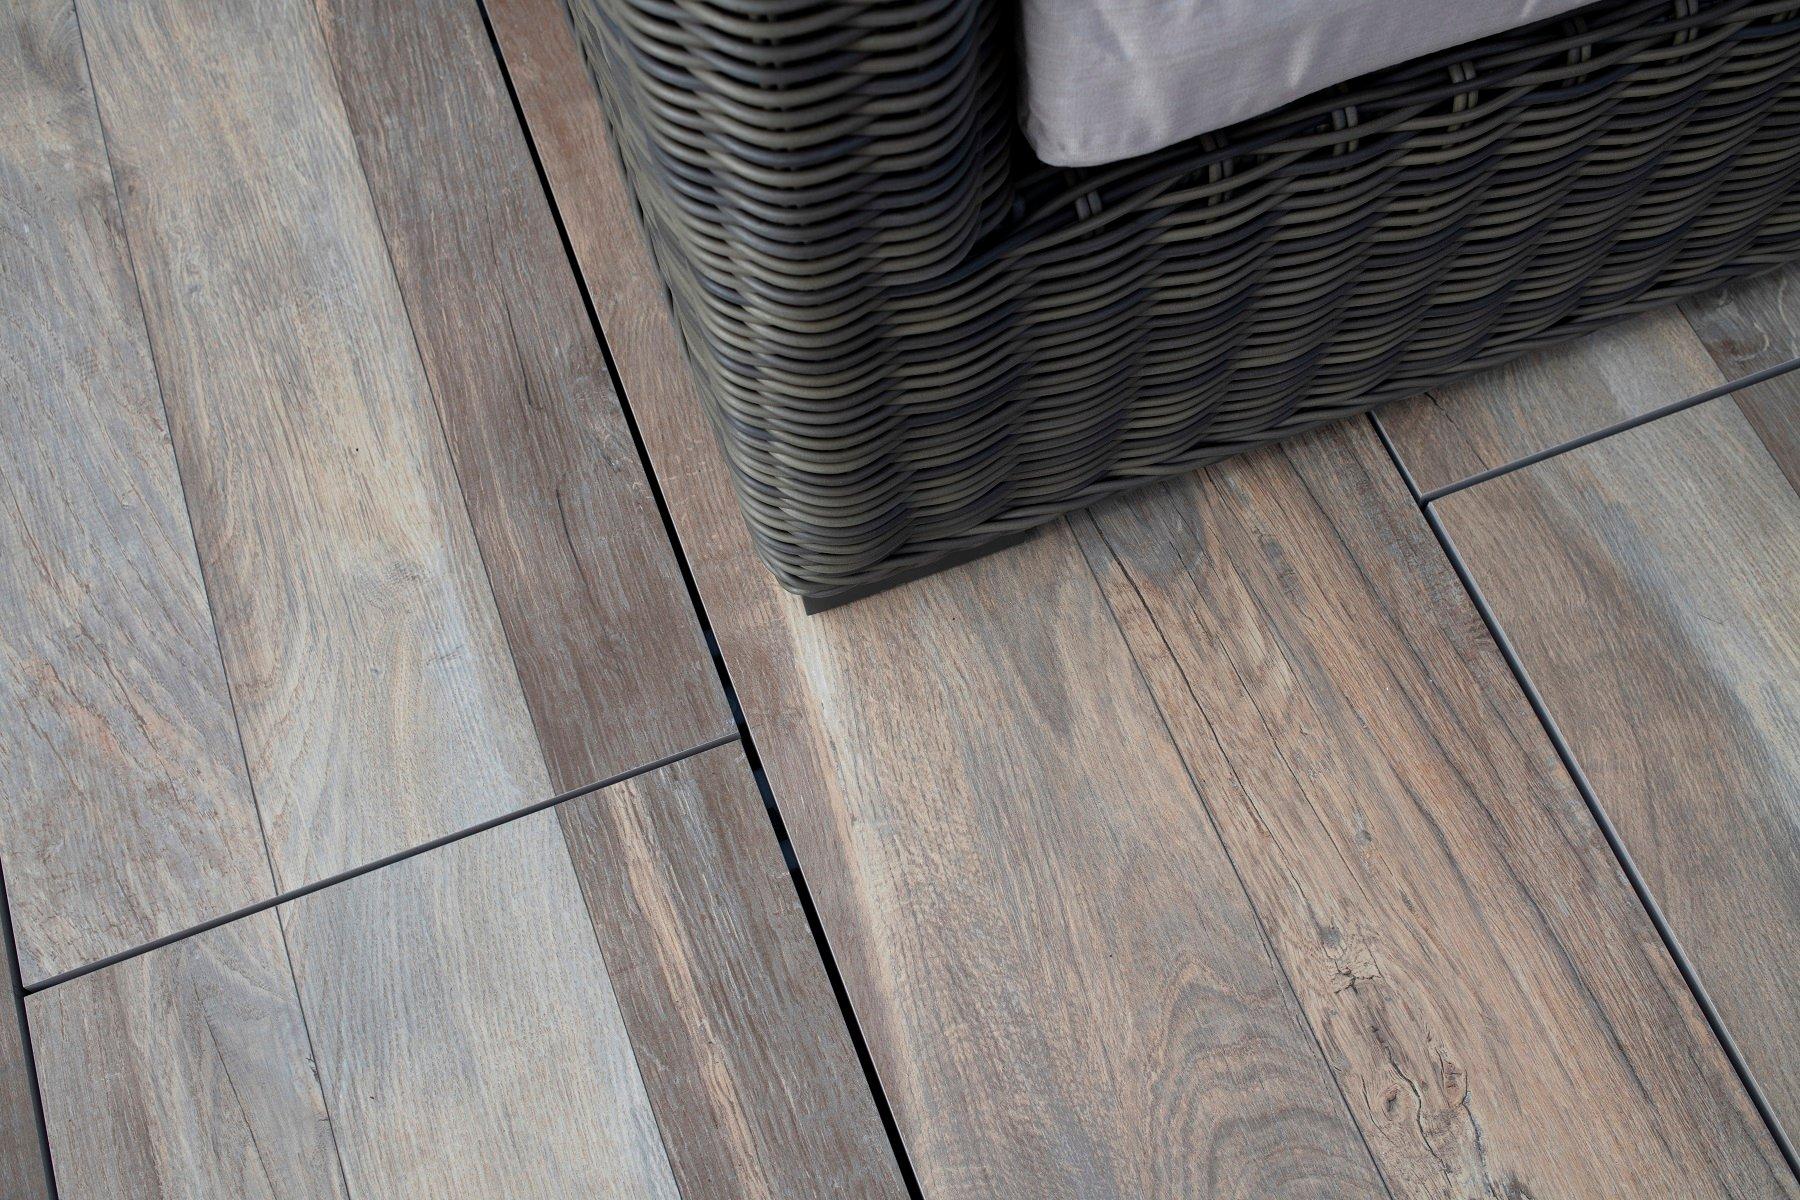 logans-circle-archatrak-porcelain-deck-tiles-detail (4)